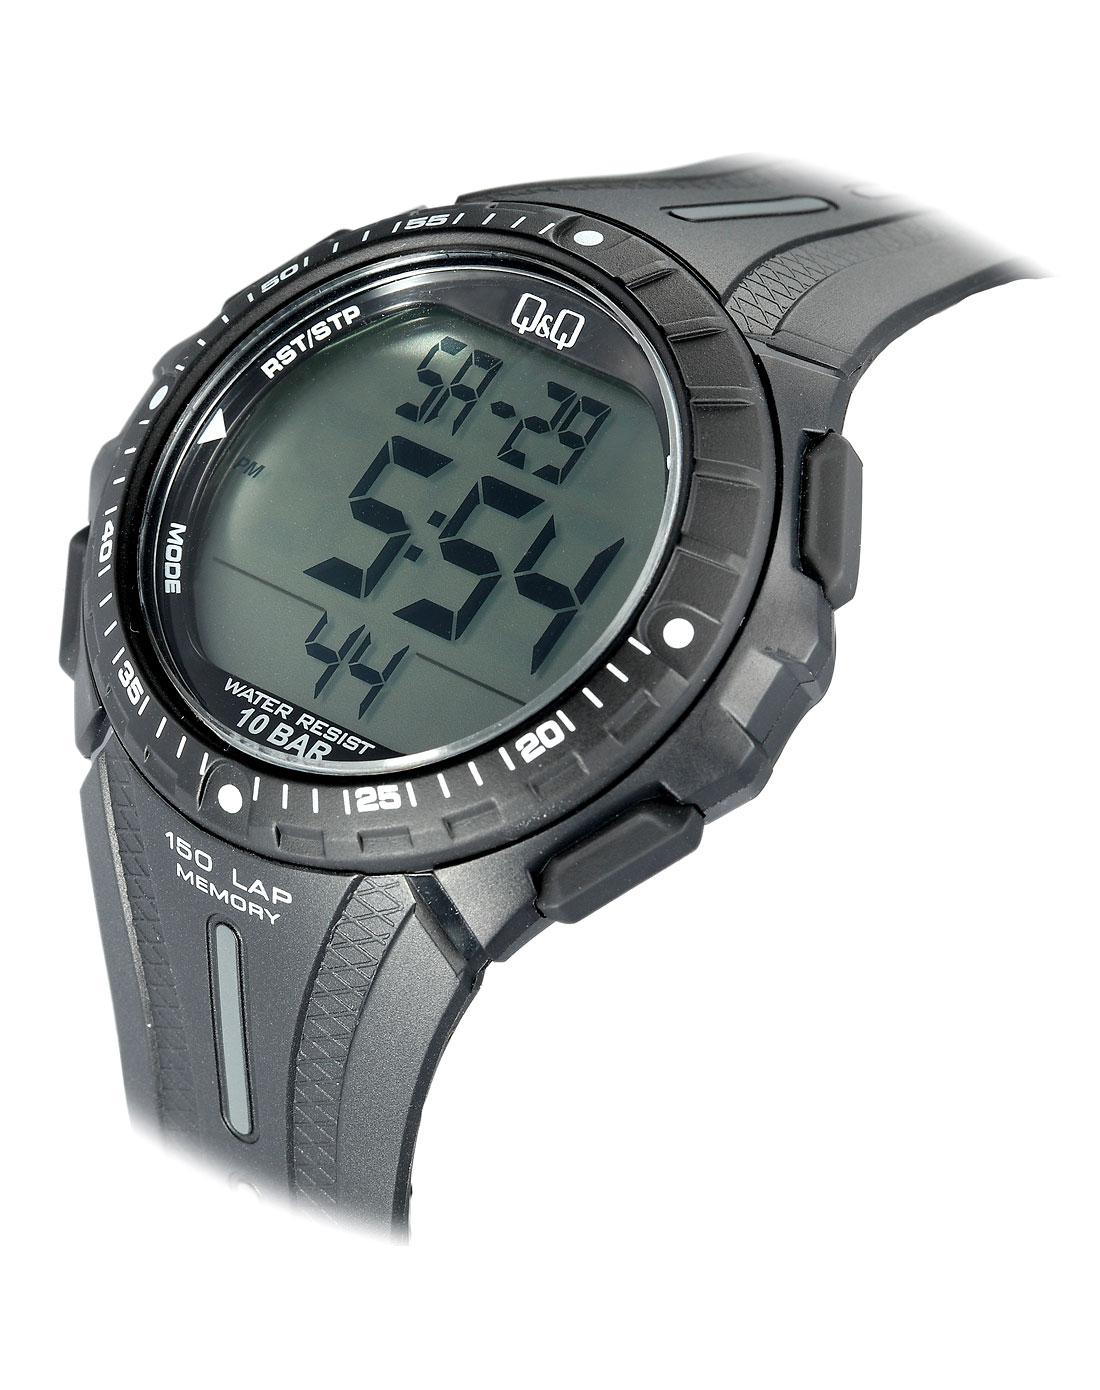 男款灰/黑色液晶表盘运动电子手表